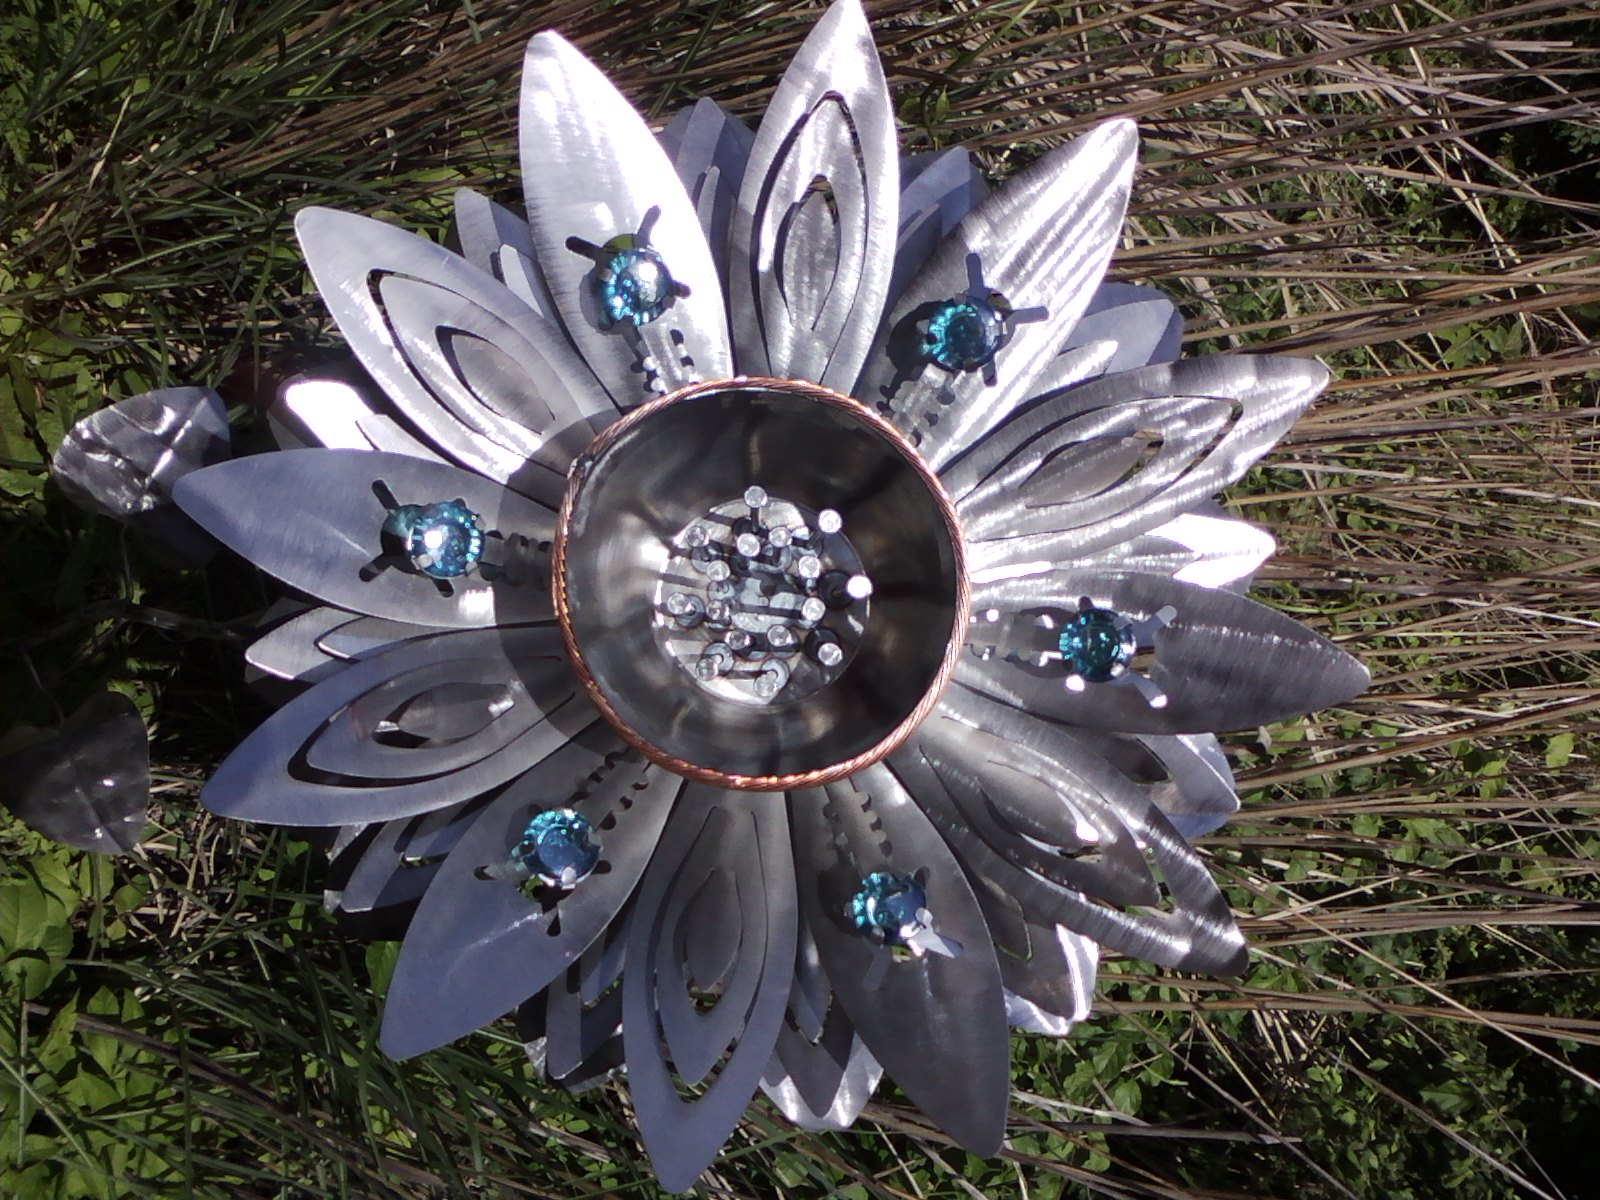 Galería de Arte de Asheville | Artesanías de montaña contemporánea | Montaña MadeKick Invierno a la Curb - Whimsical Garden & amp; Metal Yard Art de Mike Cowan - Galería de Arte de Asheville | Artesanías de montaña contemporánea | Montaña hecha